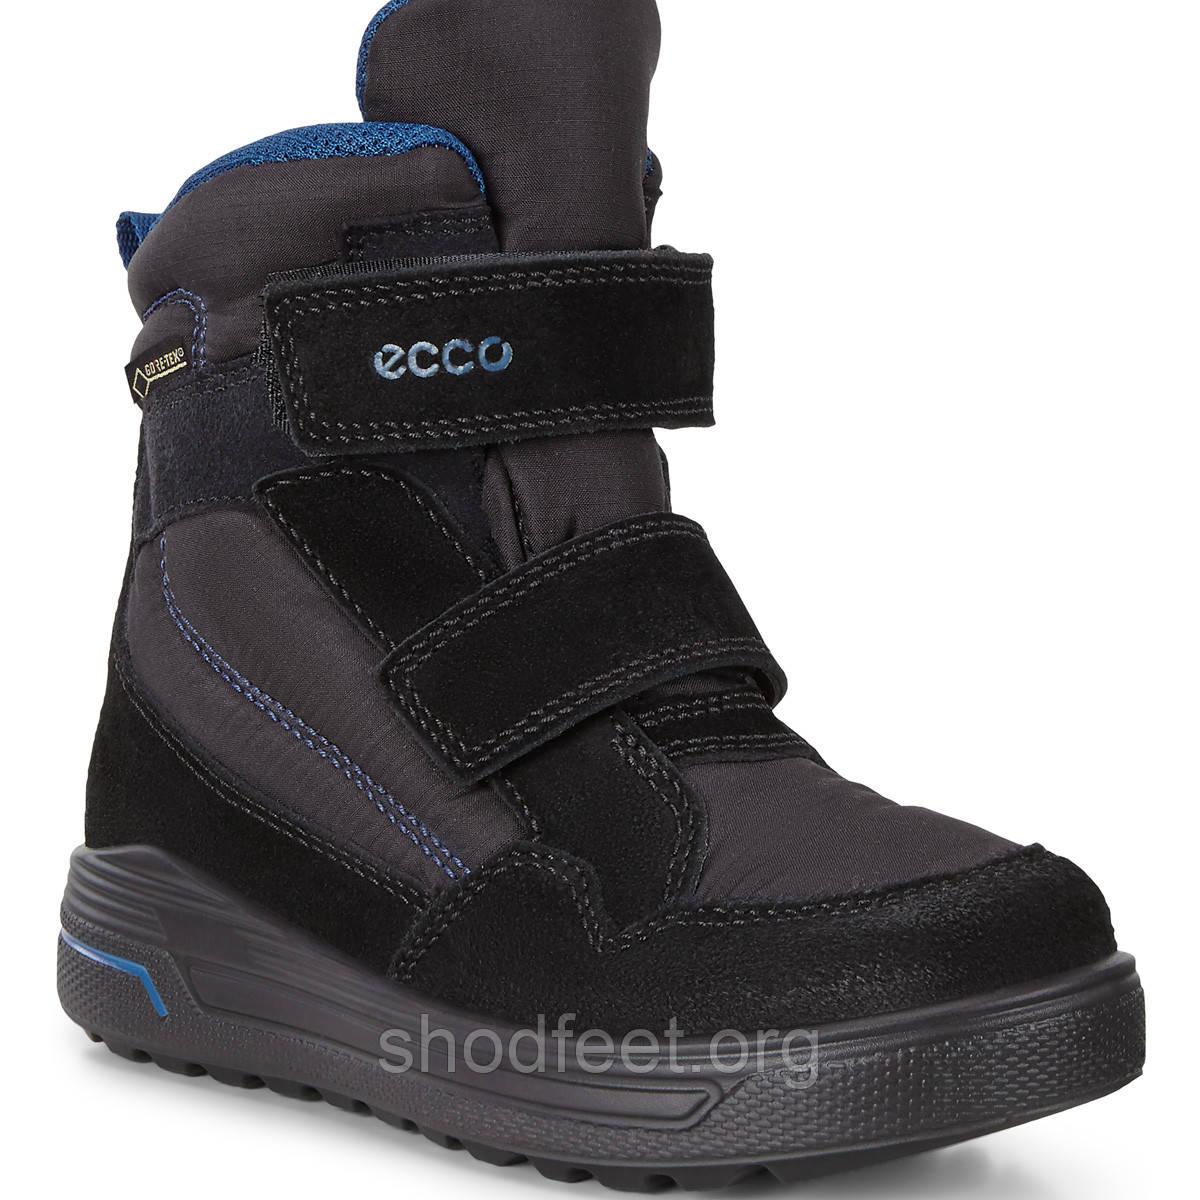 Подростковые зимние ботинки Ecco Urban Snowboarder 722293-59626